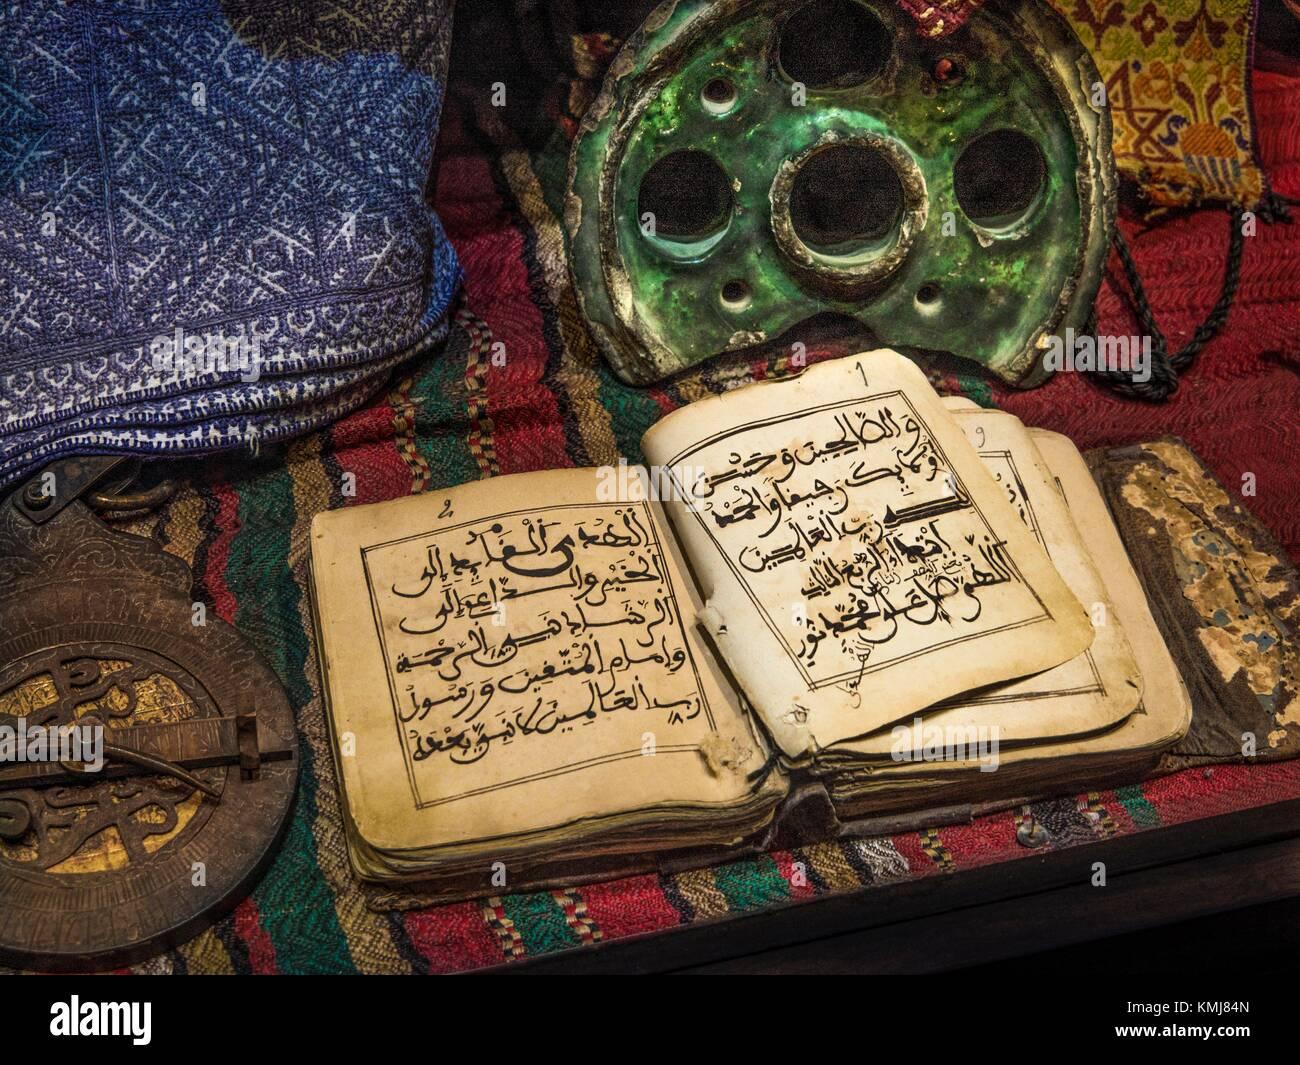 Il Marocco, Fes, vecchi libri religiosi del XVIII secolo, un astrolabio, un inchiostro casella e alcuni vecchi pezzi Immagini Stock